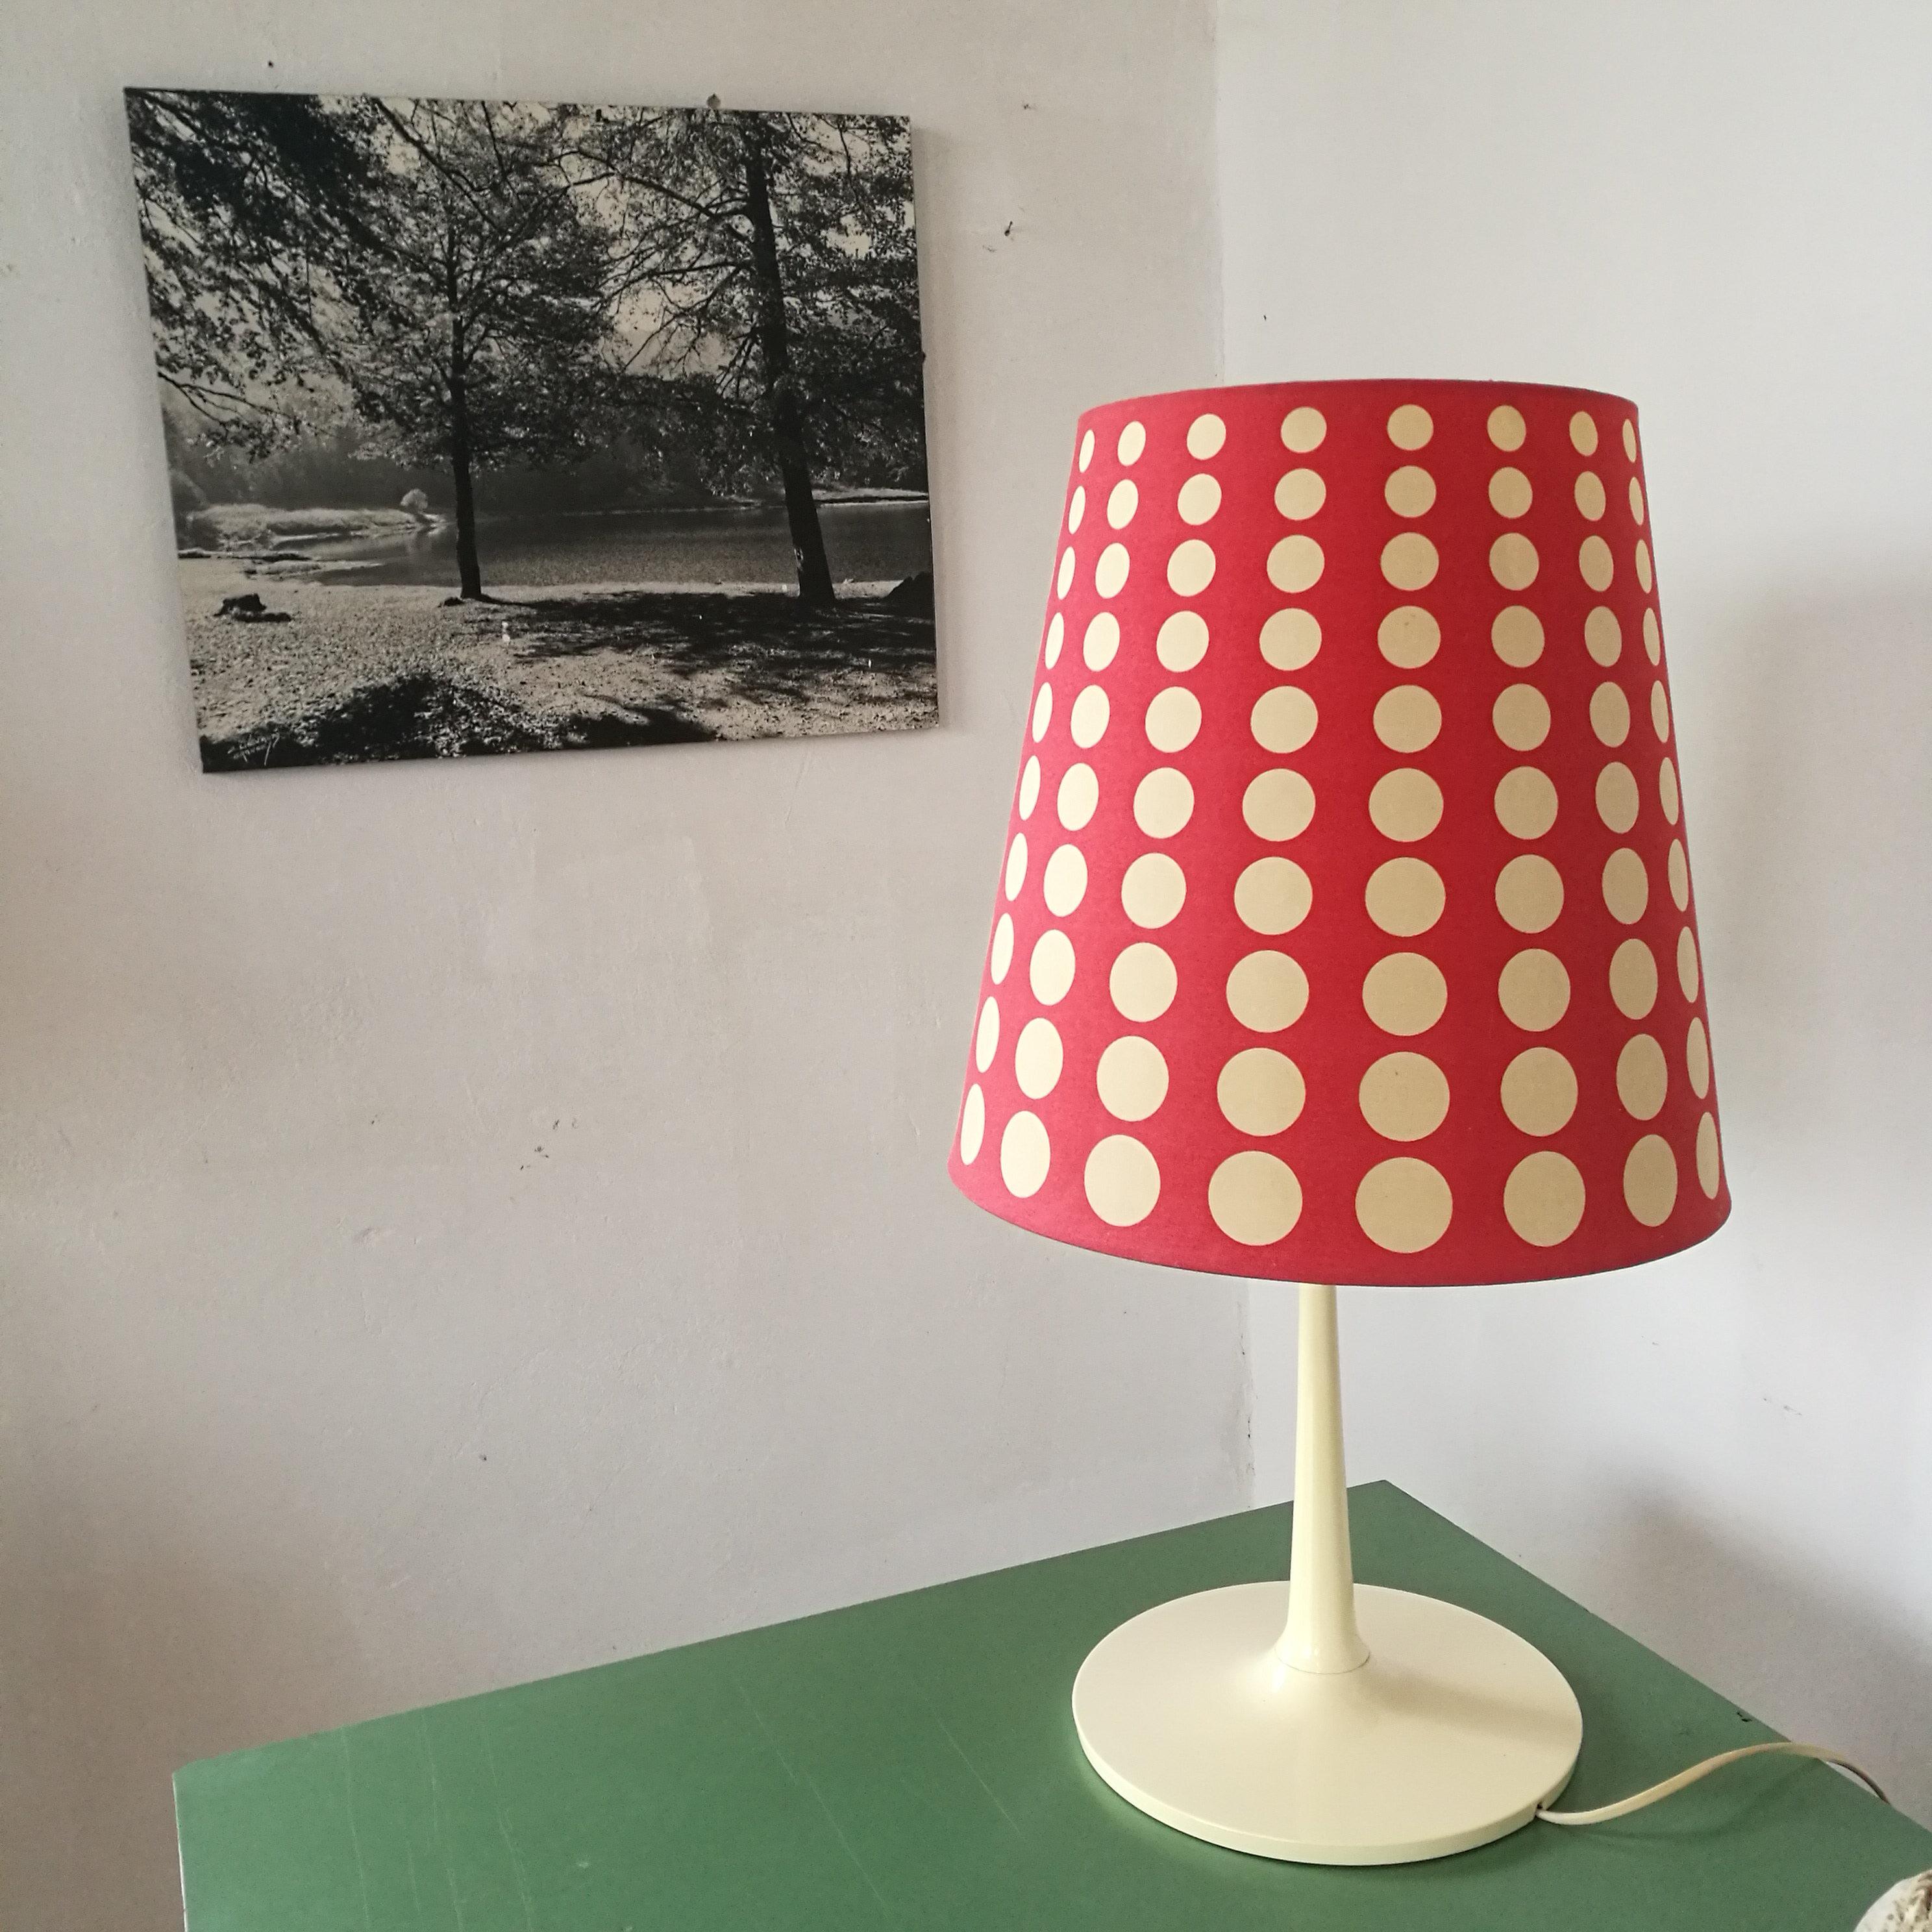 lampe ikea vintage duhasard